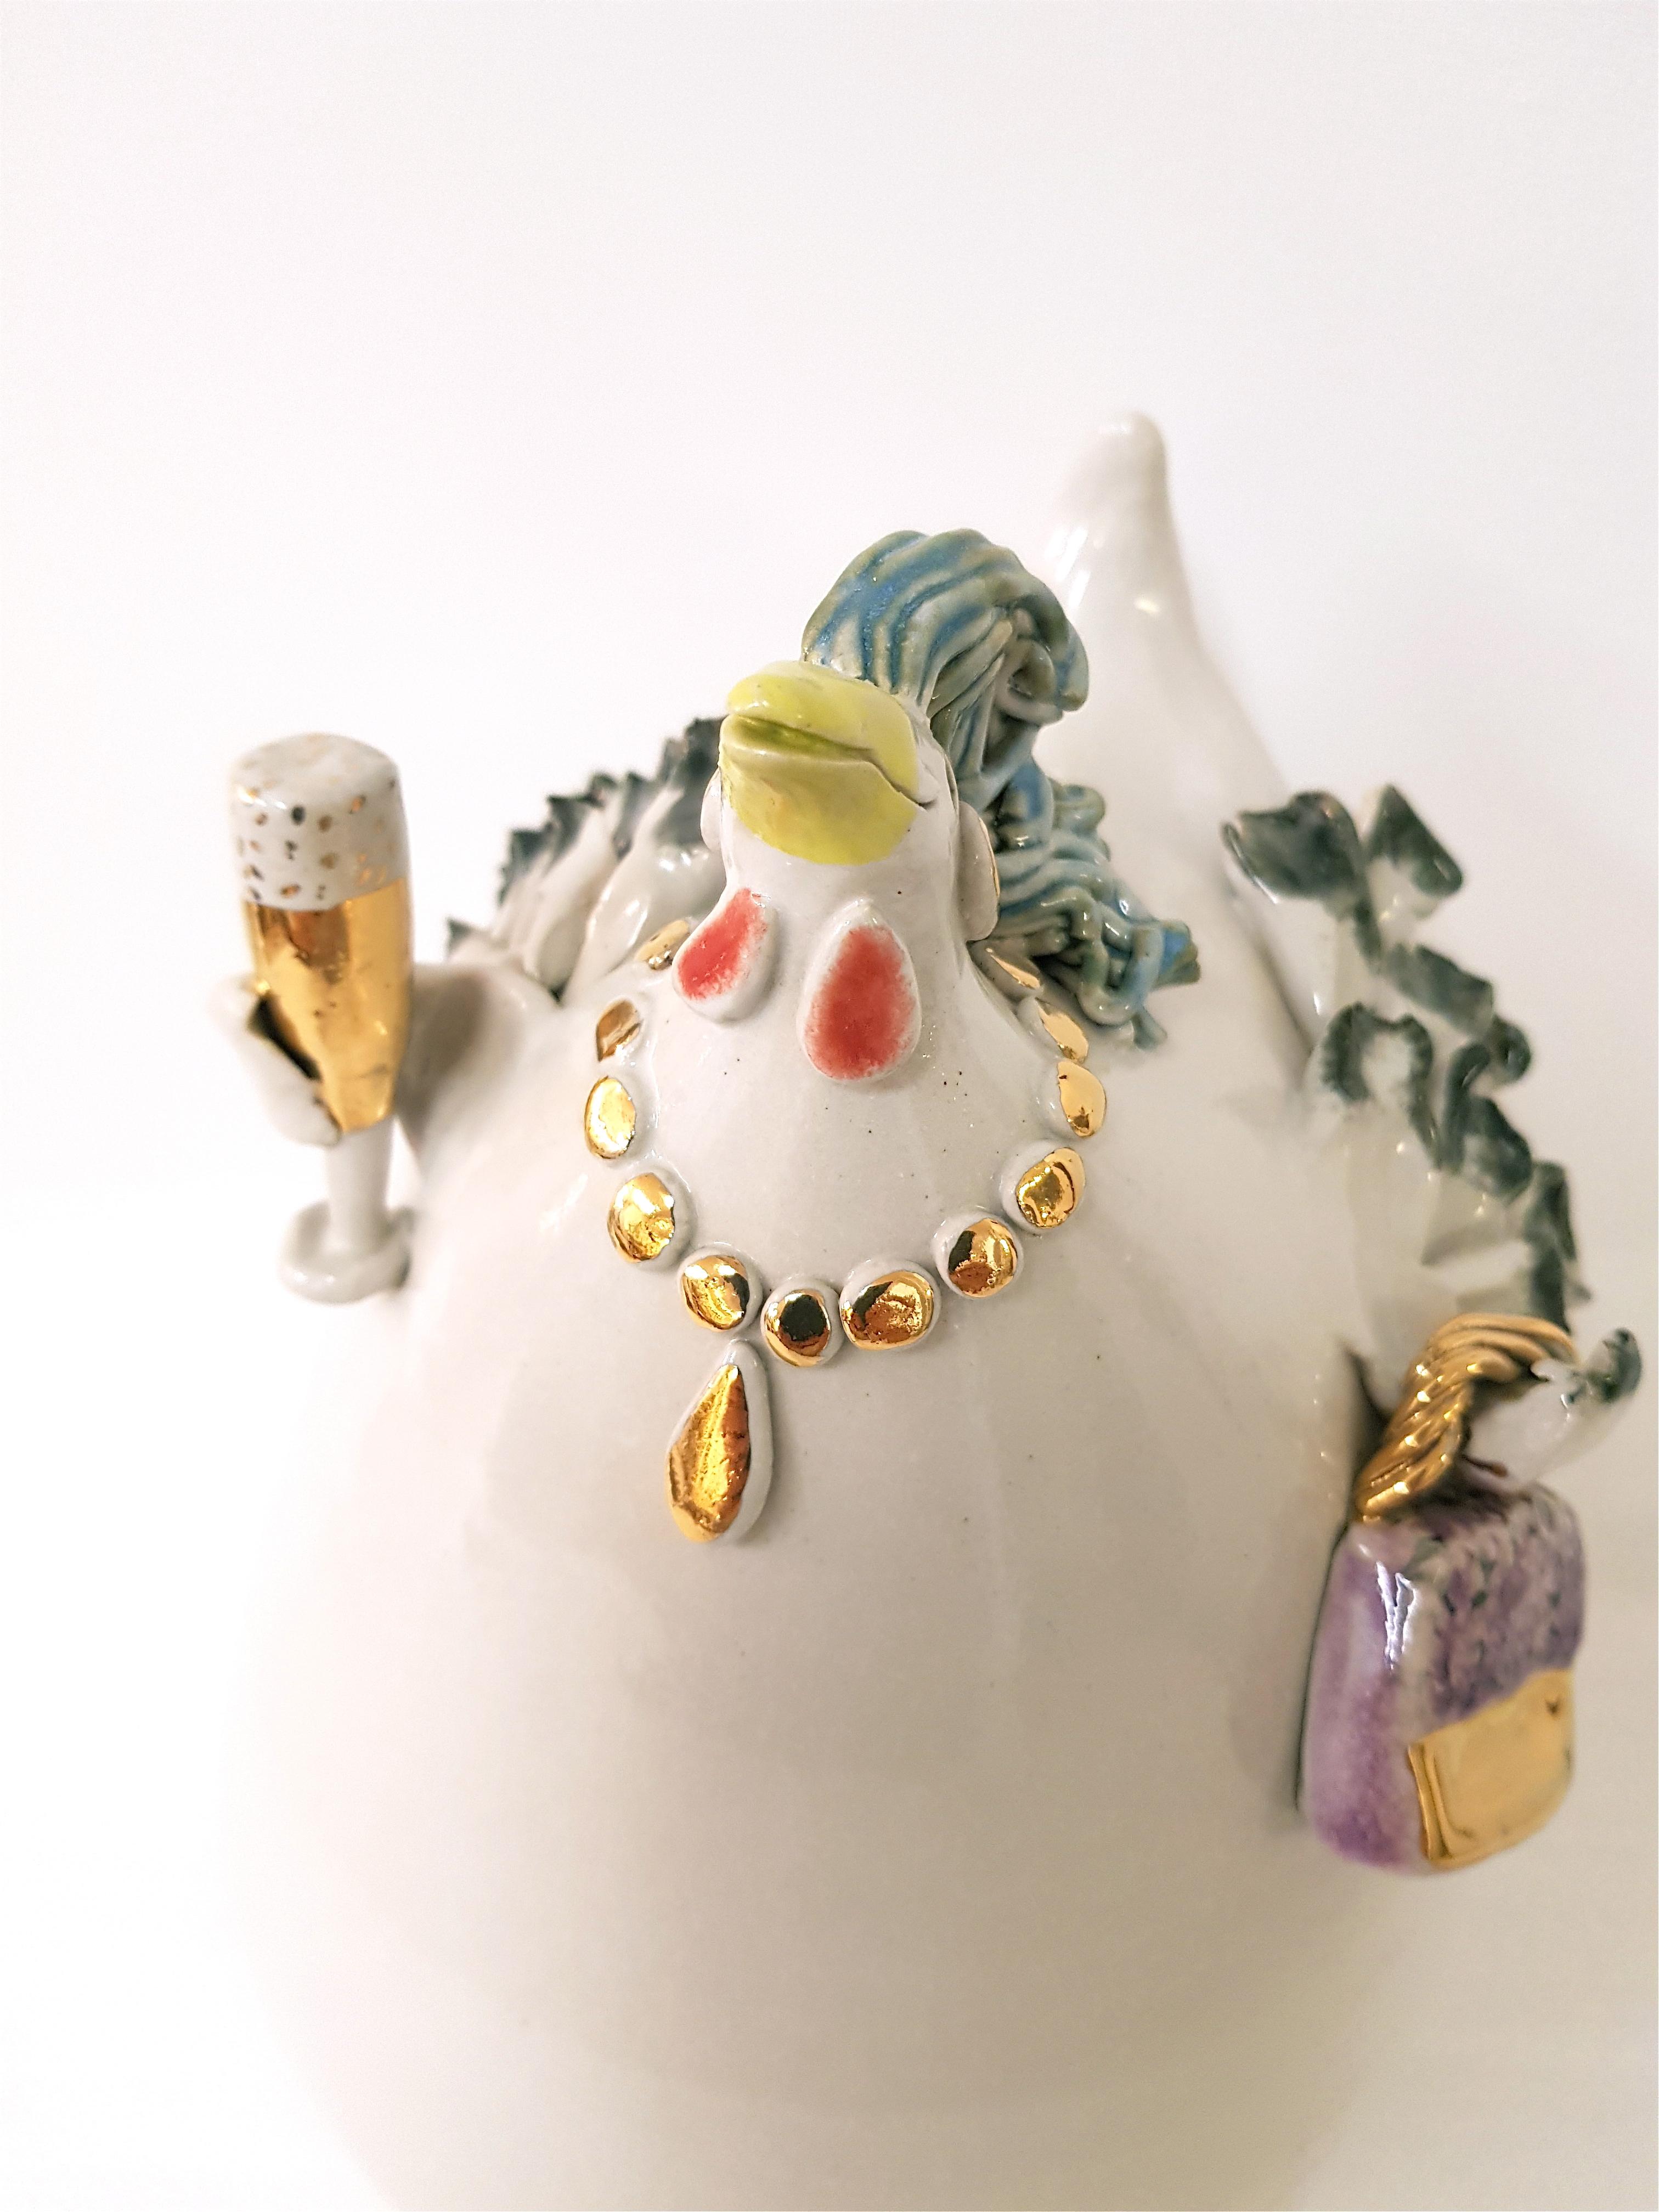 Keramikhuhn, Unikat, Keramik, Crazy Chick